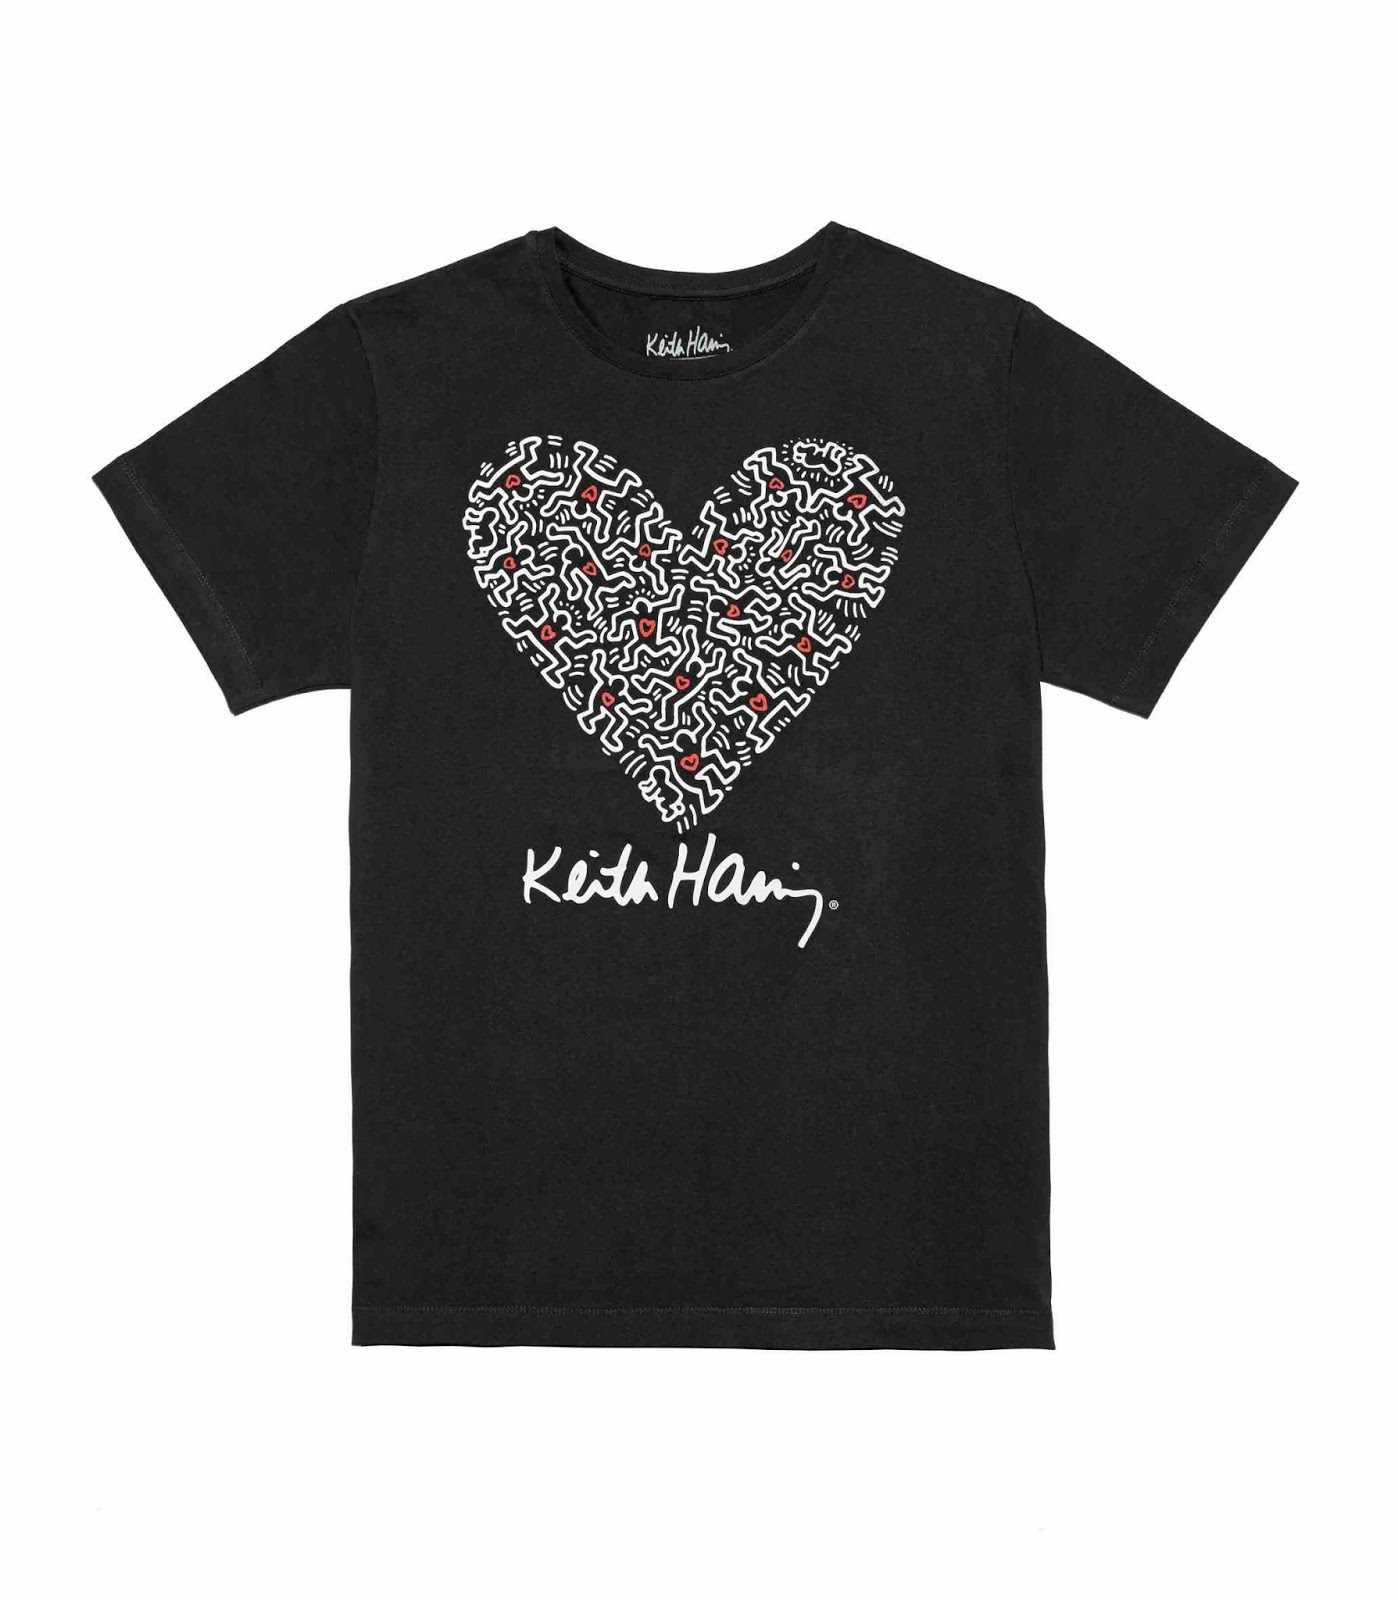 La-Halle, Keith-Haring, La-Halle-Heith-Haring, expo-keith-haring, mode-homme, mode-femme, blog-mode-femme, site-mode-femme, mode-femme-grande-taille, du-dessin-aux-podiums, mode-femme-enceinte, saint-valentin, cadeaux-saint-valentin, keith-haring-paris, vetements-femme-fashion